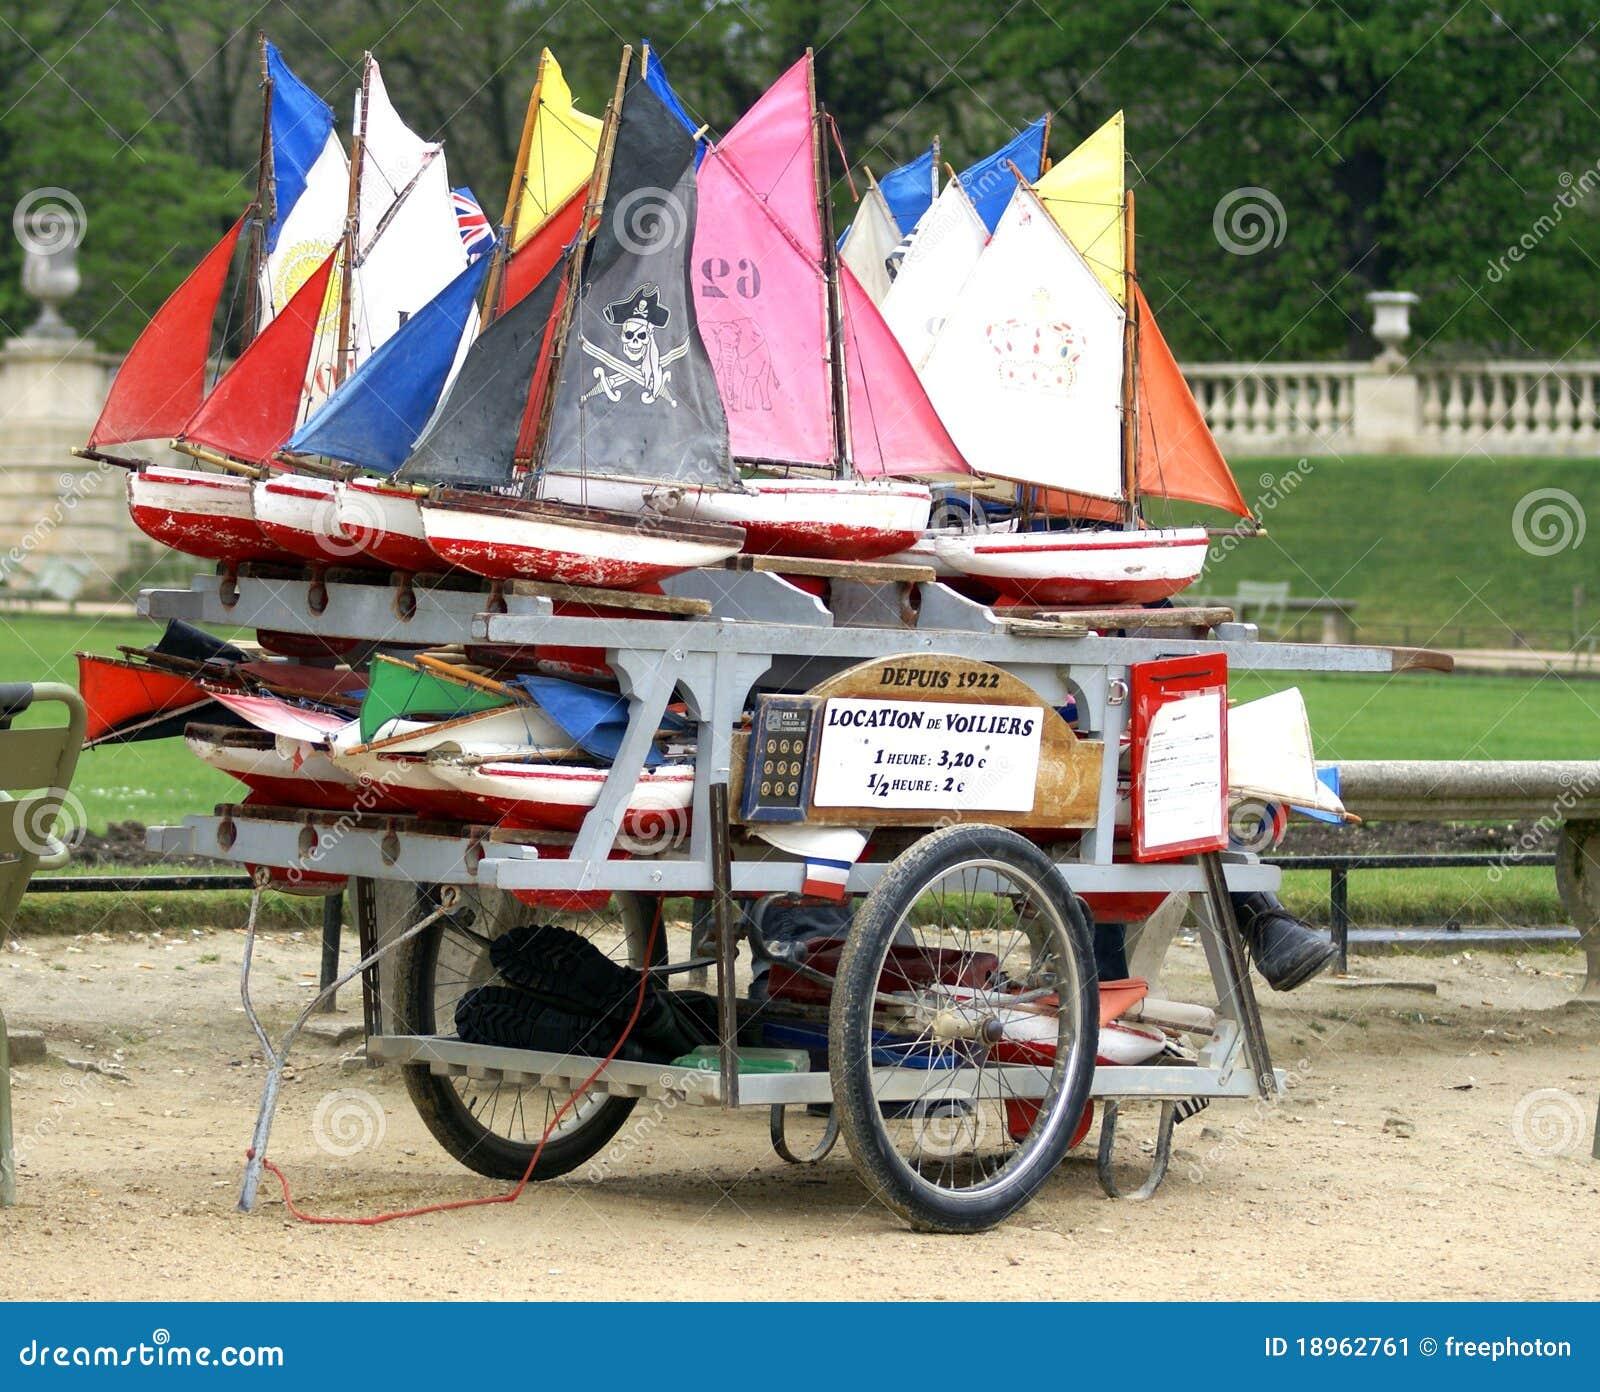 Location des bateaux de jouet dans jardin du luxembourg for Buvette des marionnettes du jardin du luxembourg